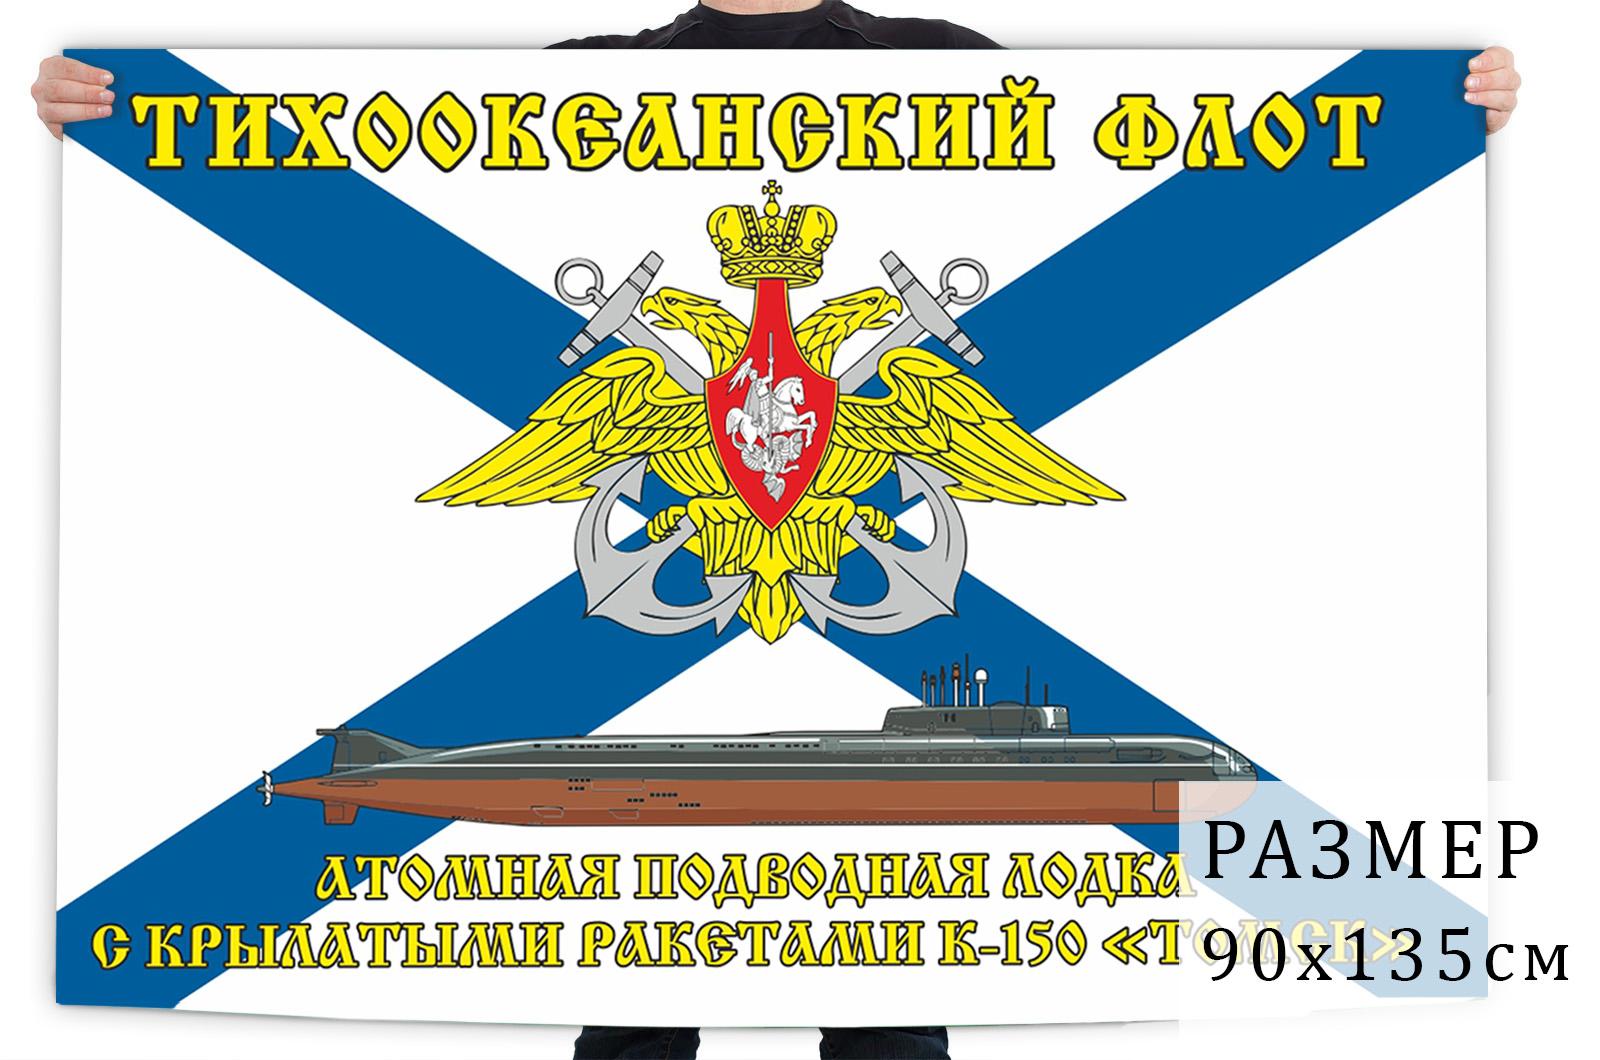 """Флаг атомного подводного ракетоносного крейсера К-150 """"Томск"""""""